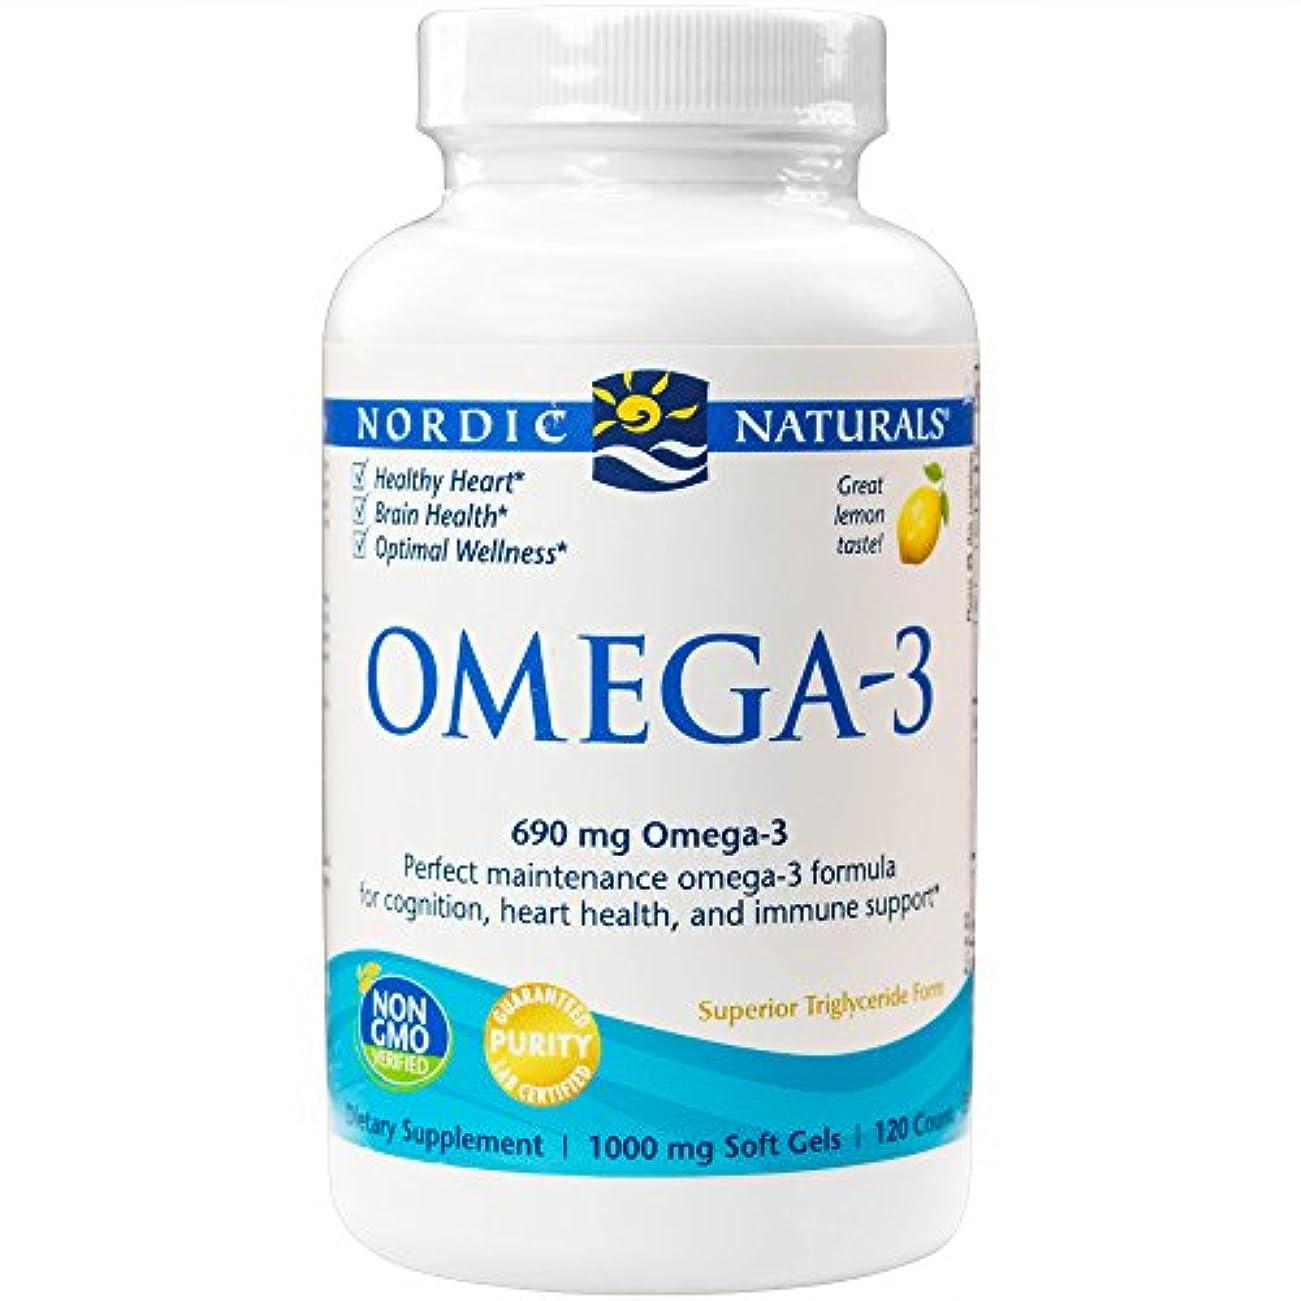 ツインビーム役に立つ海外直送品Omega-3, 1000 mg, Lemon 120 softgels by Nordic Naturals